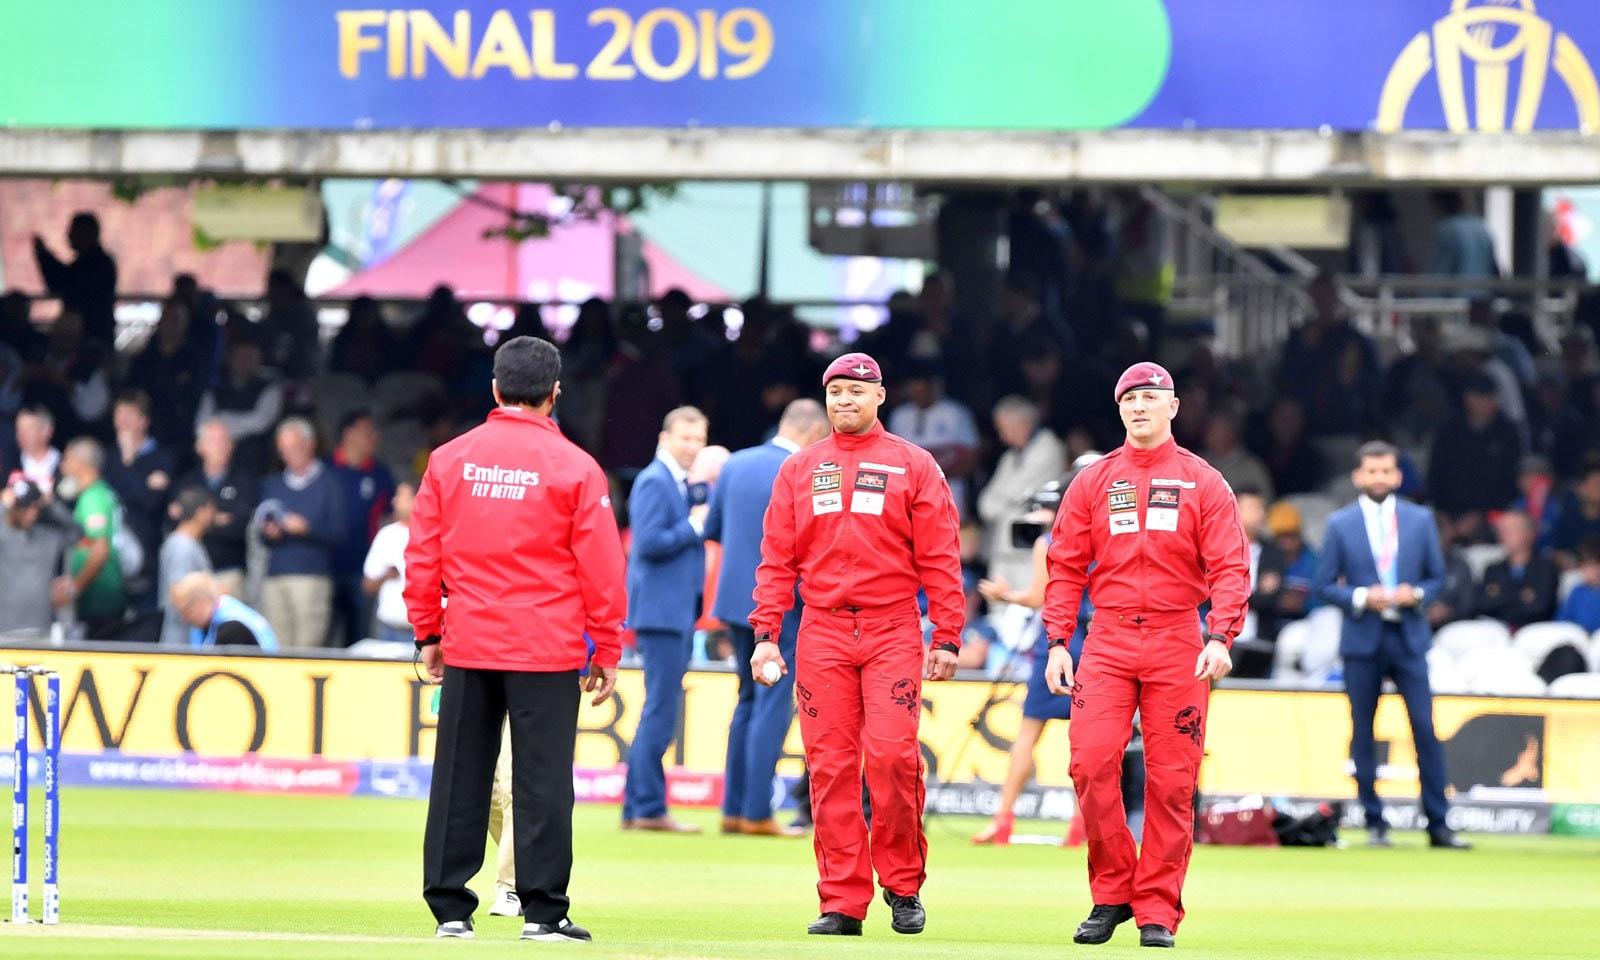 برٹش آرمی کی پراشوٹ رجمنٹ کے جوان پیرا شوٹ کے ذریعے ورلڈ کپ فائنل کی گیند میدان میں لانے کے بعد پاکستانی امپائر علیم ڈار کو دینے کے لیے آ رہے ہیں— اے ایف پی